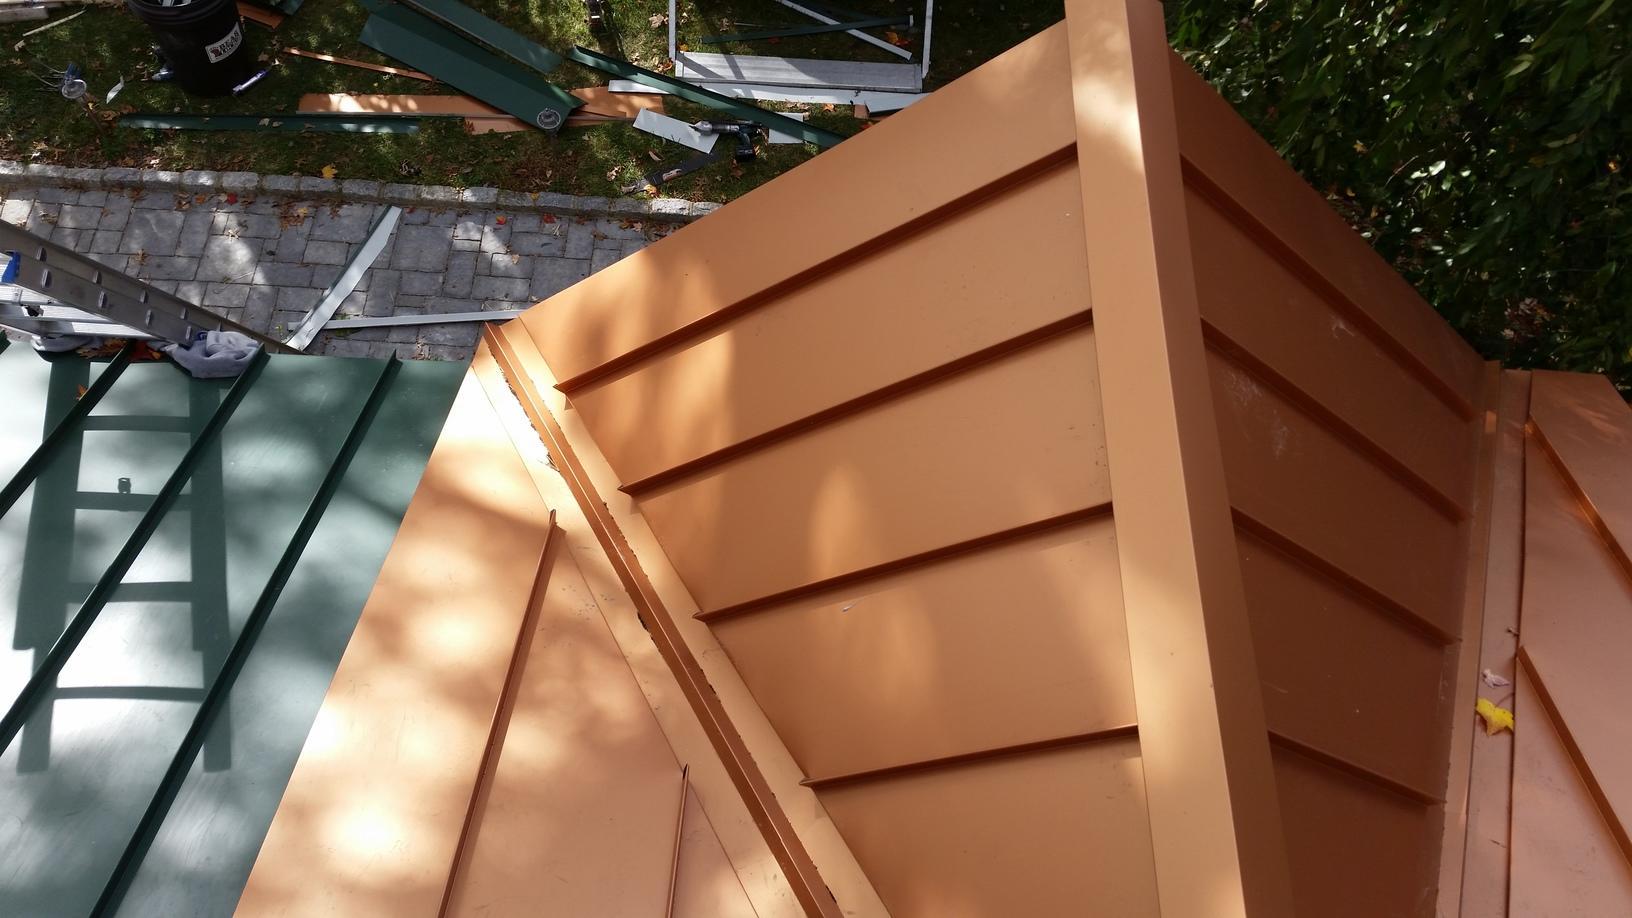 Metallic Copper Standing Seam Metal Roof